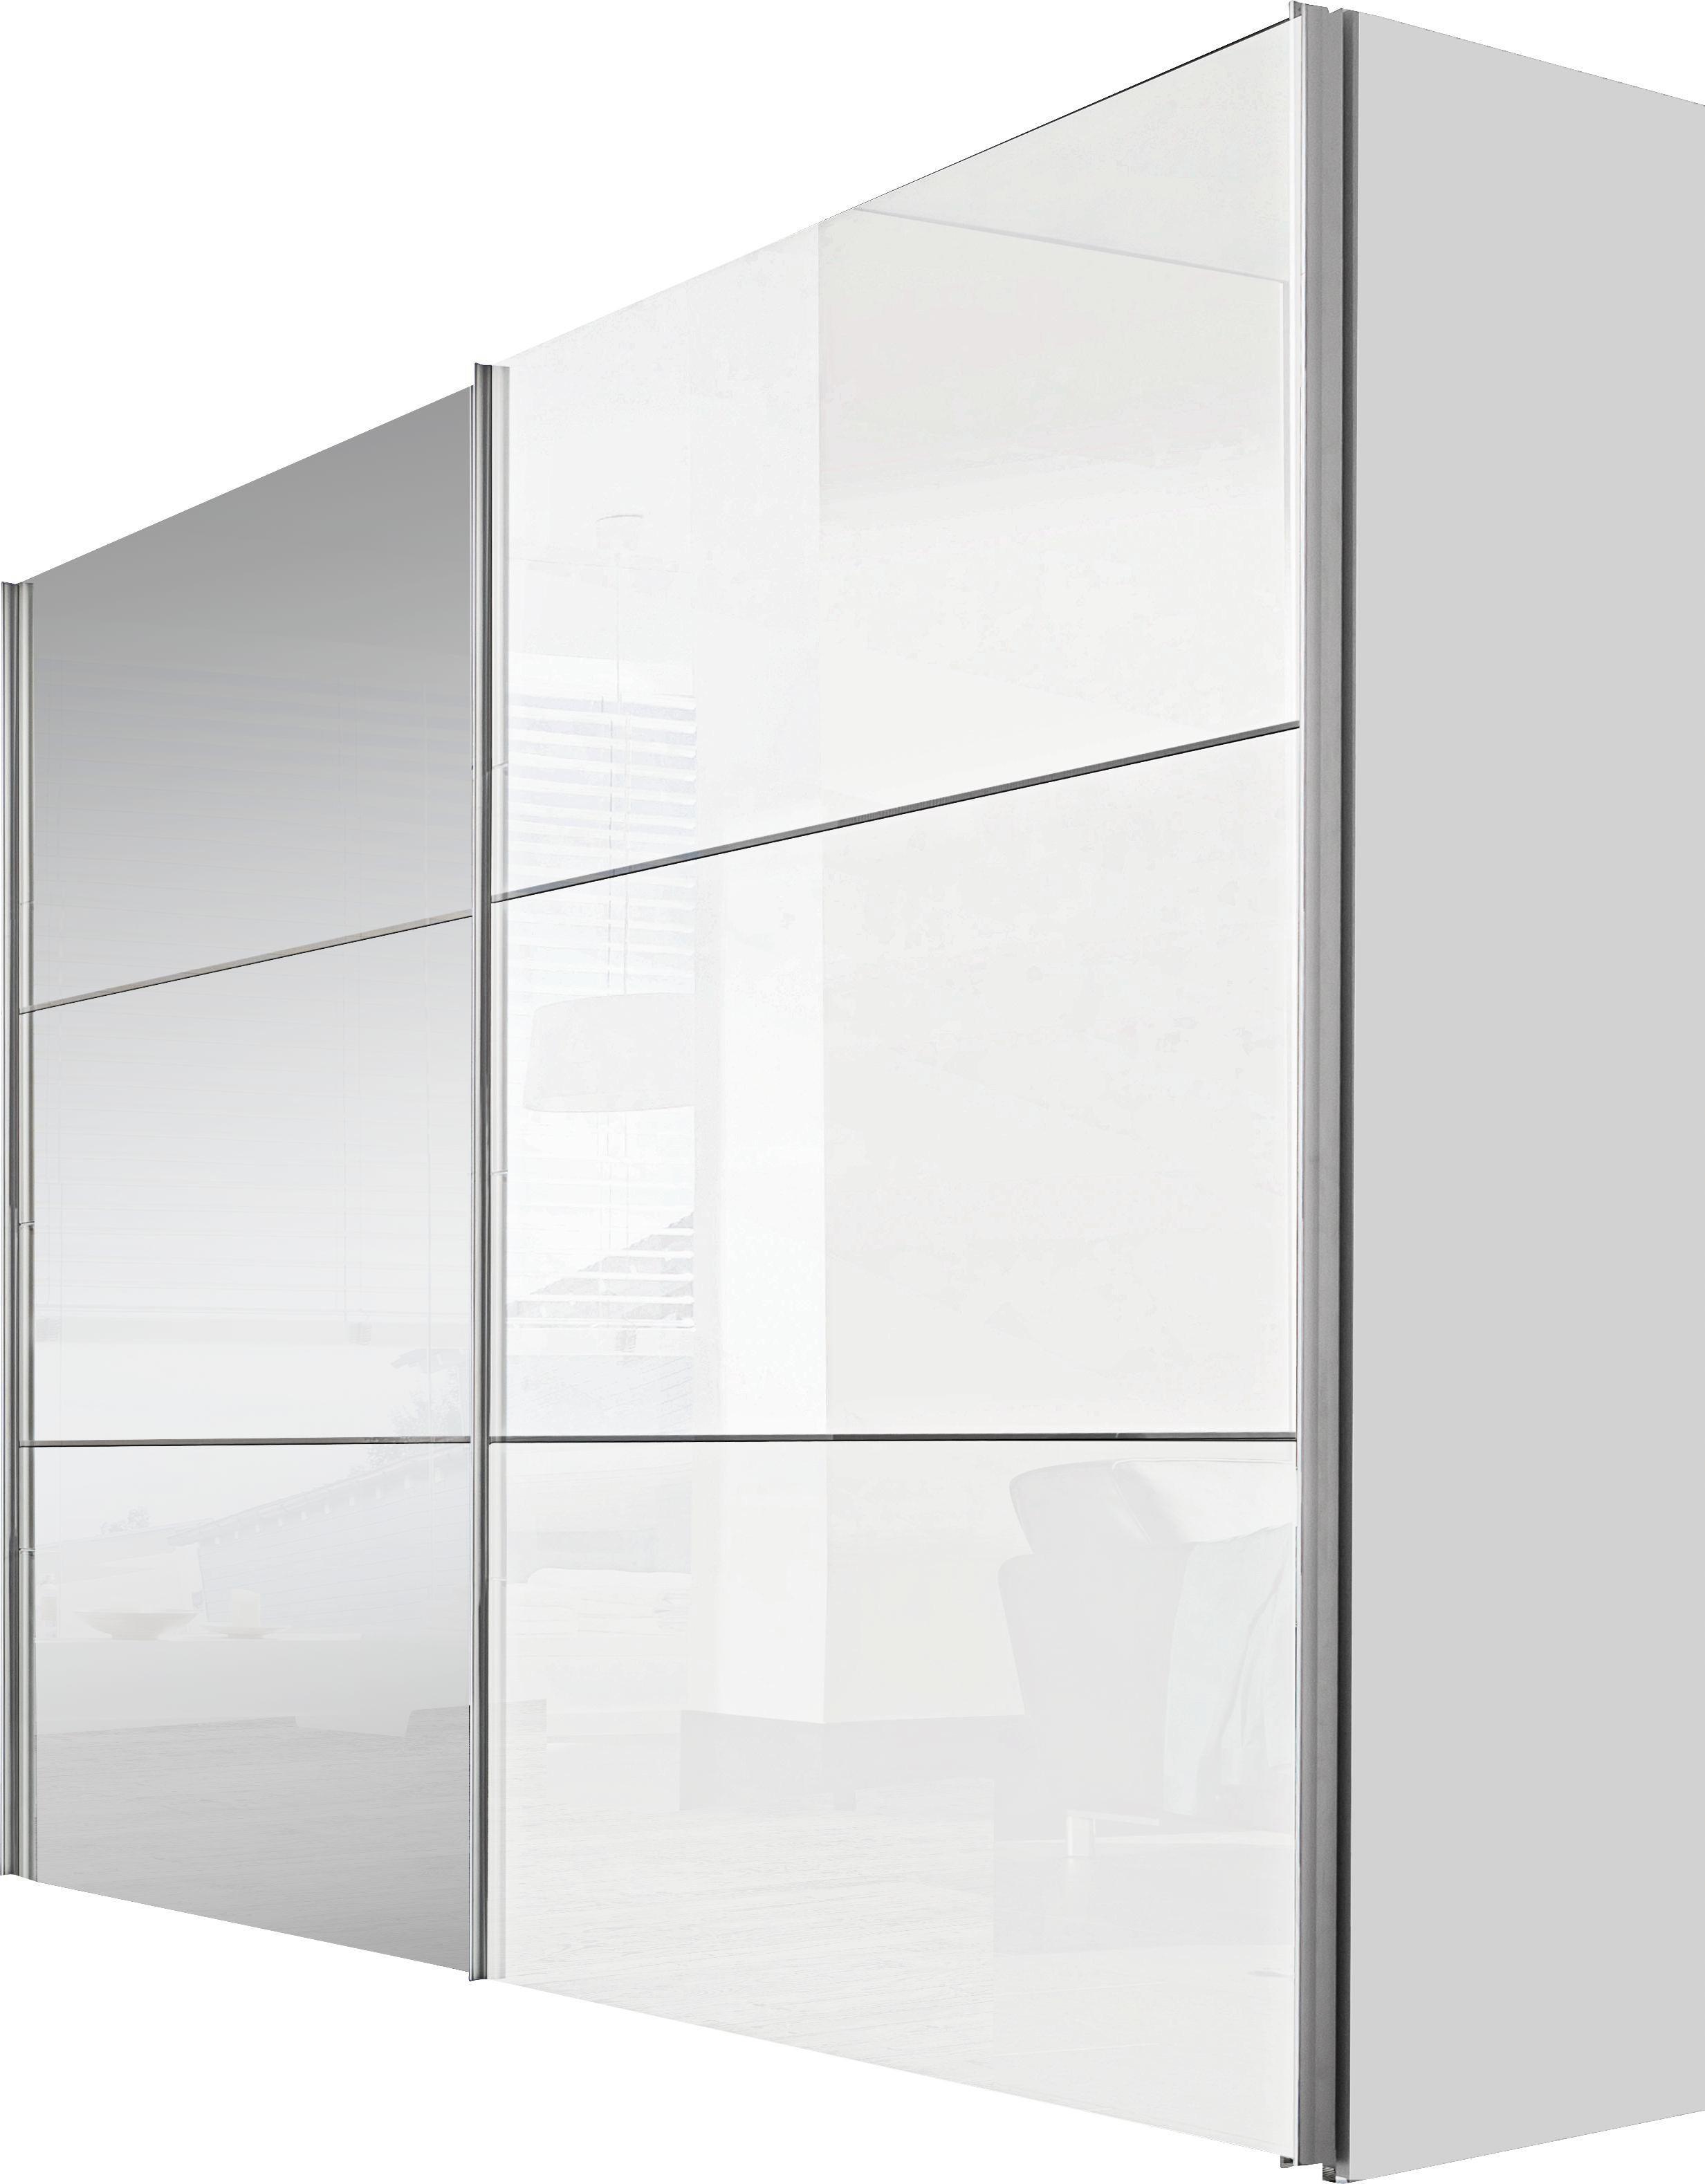 Schwebetürenschrank in Weiß mit Spiegel - Alufarben/Weiß, KONVENTIONELL, Holzwerkstoff/Metall (200/216/68cm) - PREMIUM LIVING